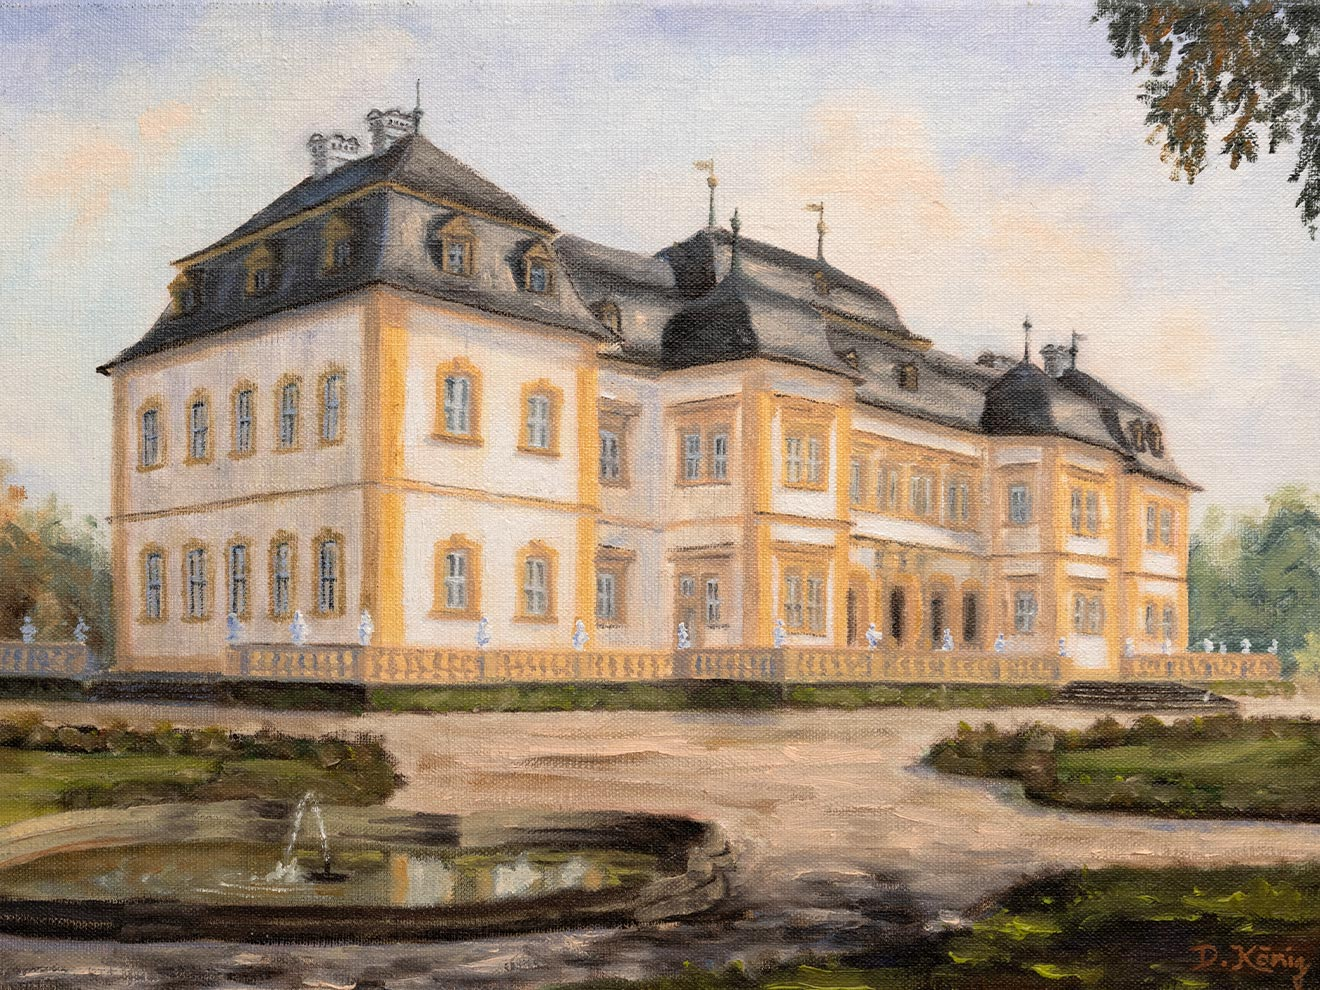 Veitshöchheimer Schloss - 30 X 40 Cm - Öl Auf Leinen